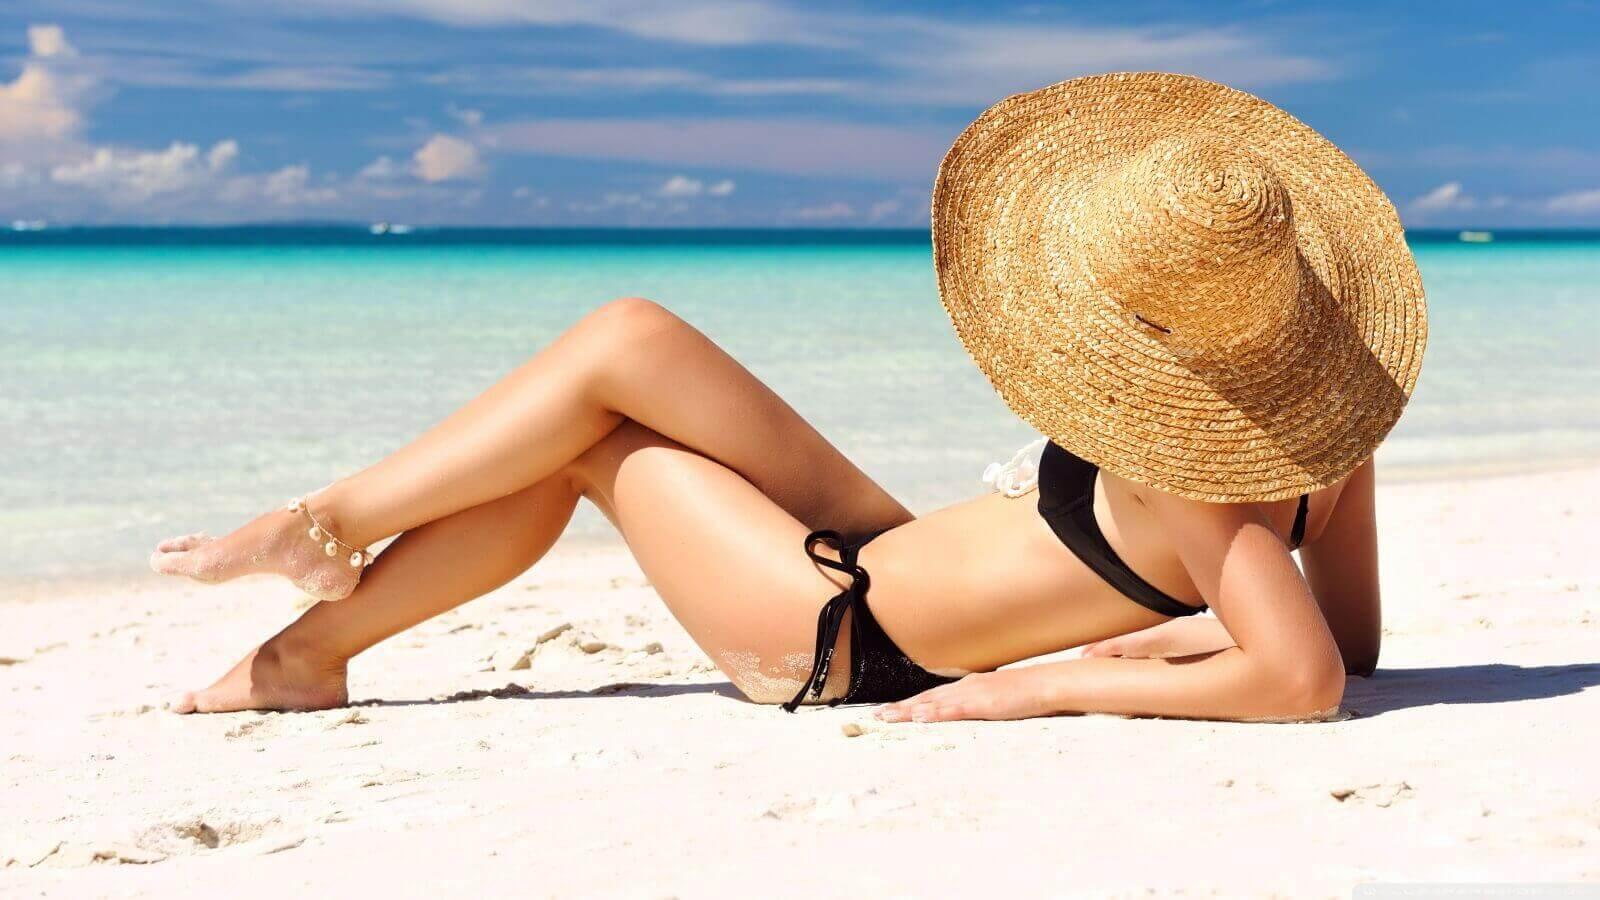 Prenez soin de votre peau avant l'été - Bodyline Center